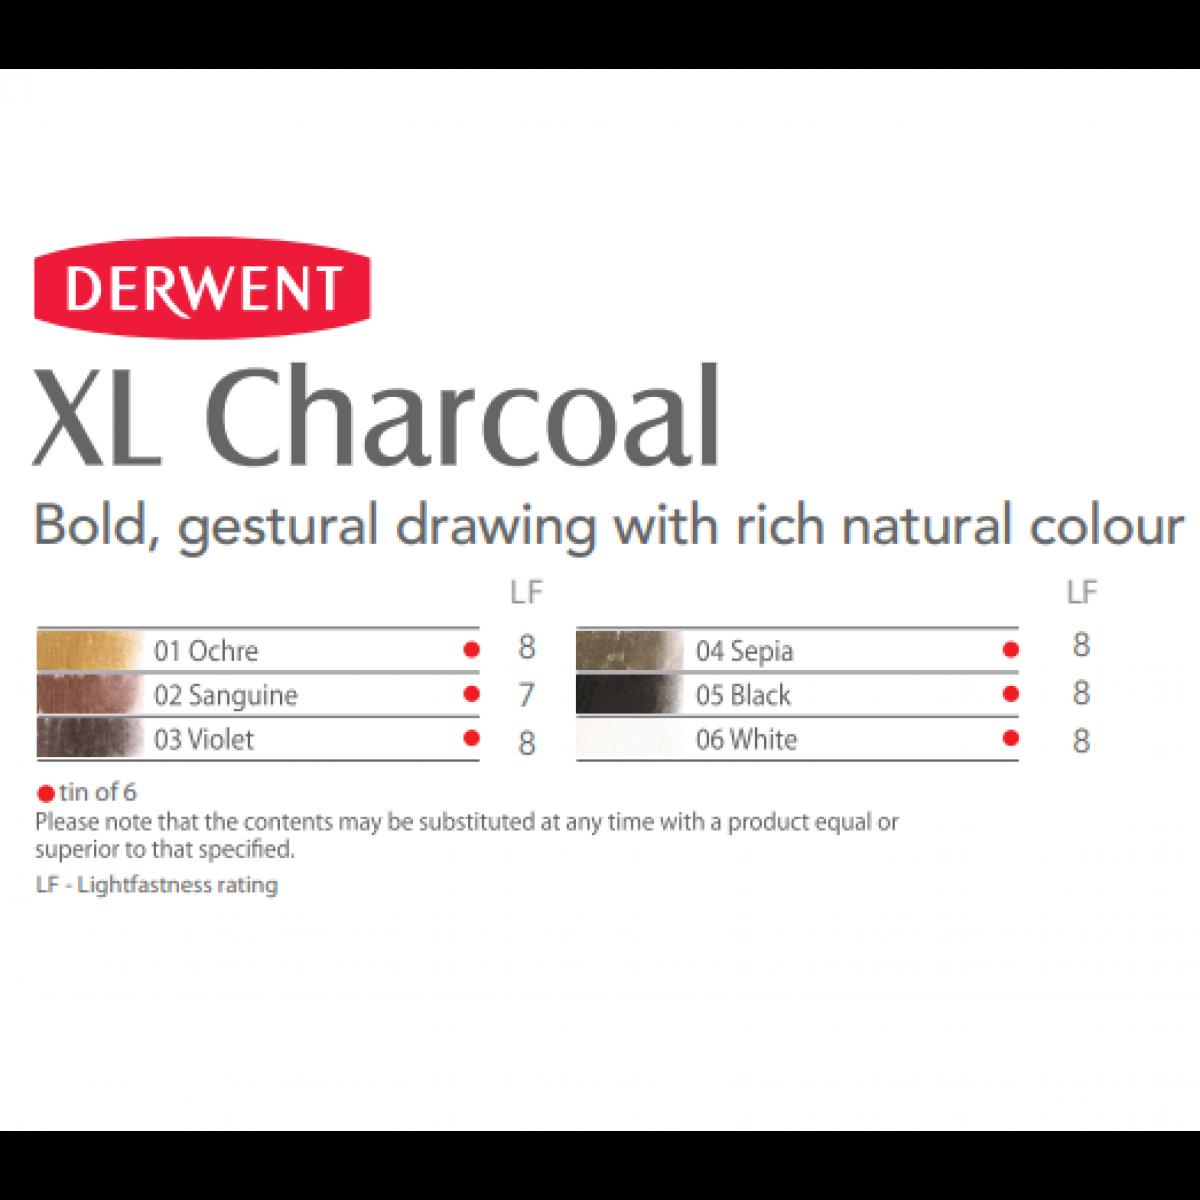 DerwentXLCharcoalkulstmed6farvertinbox-03